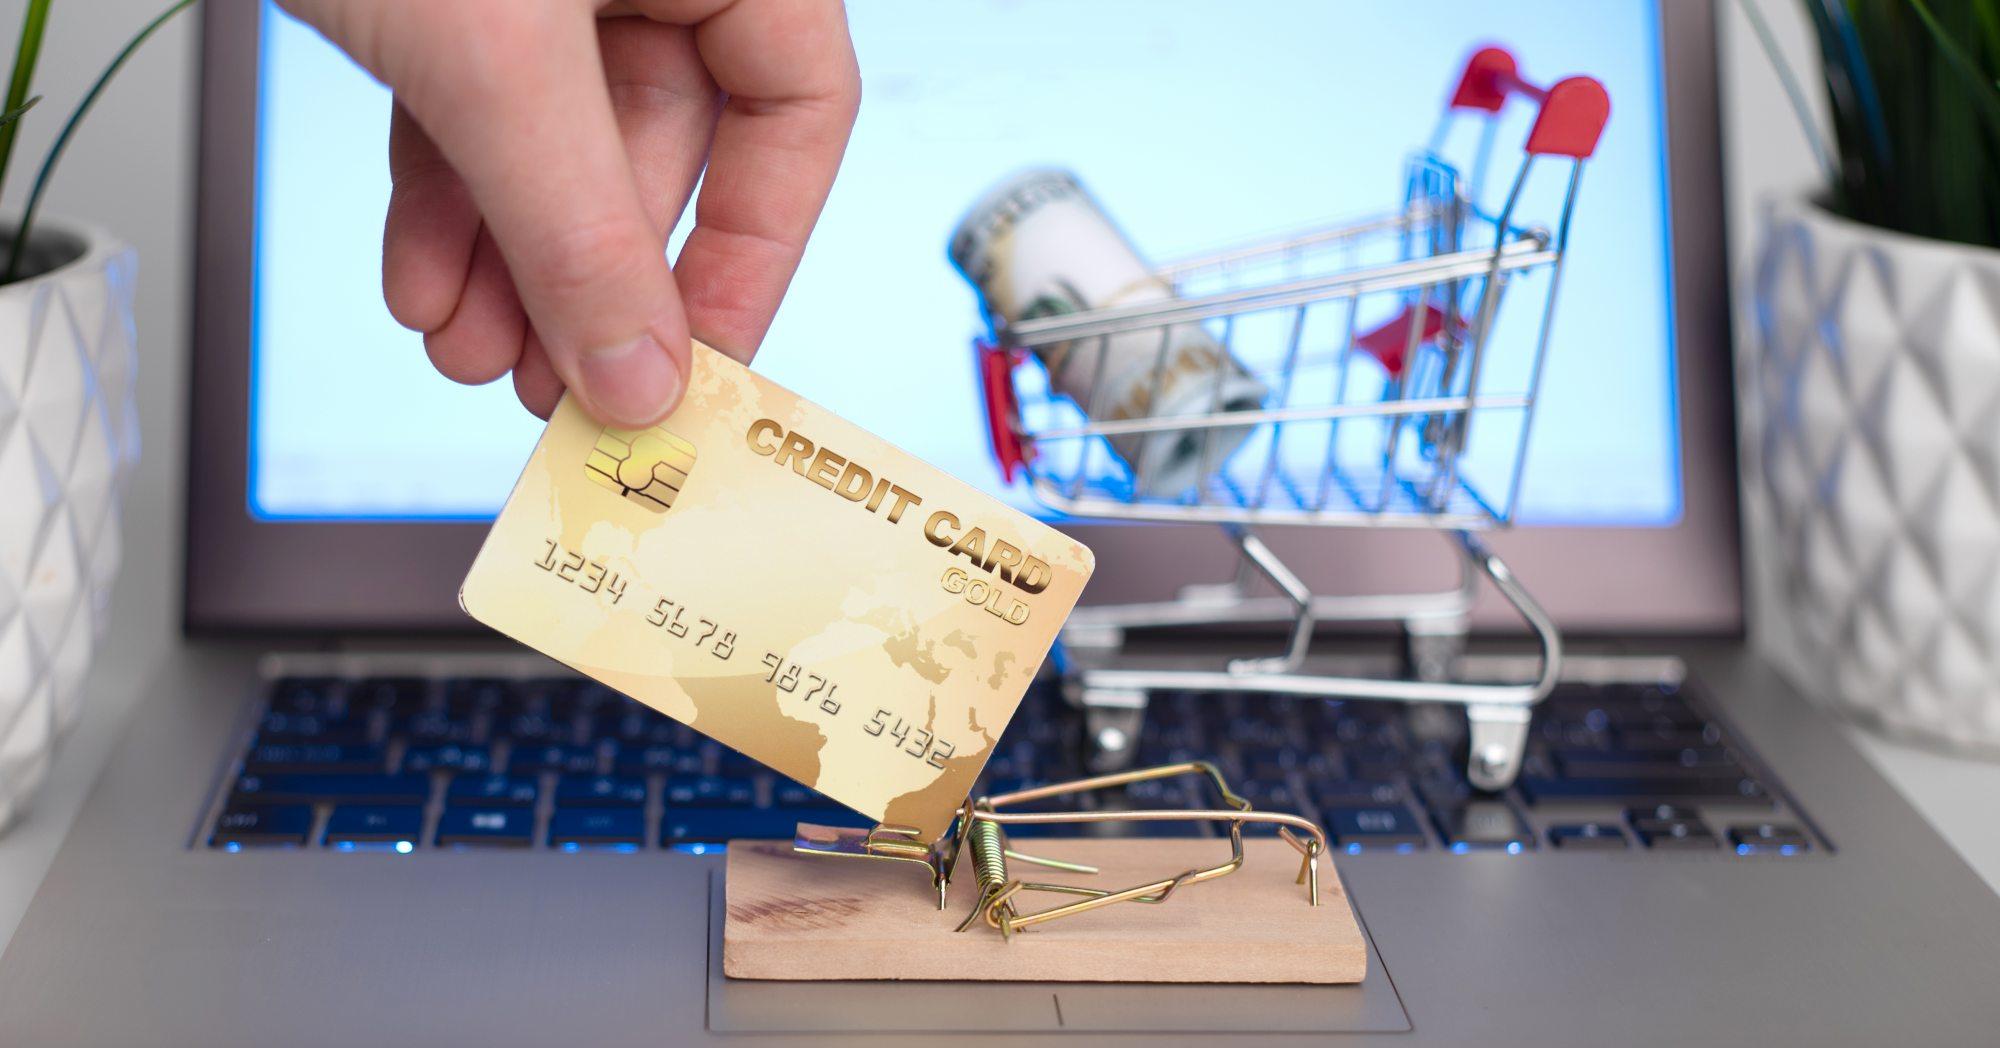 Credit card in a trap